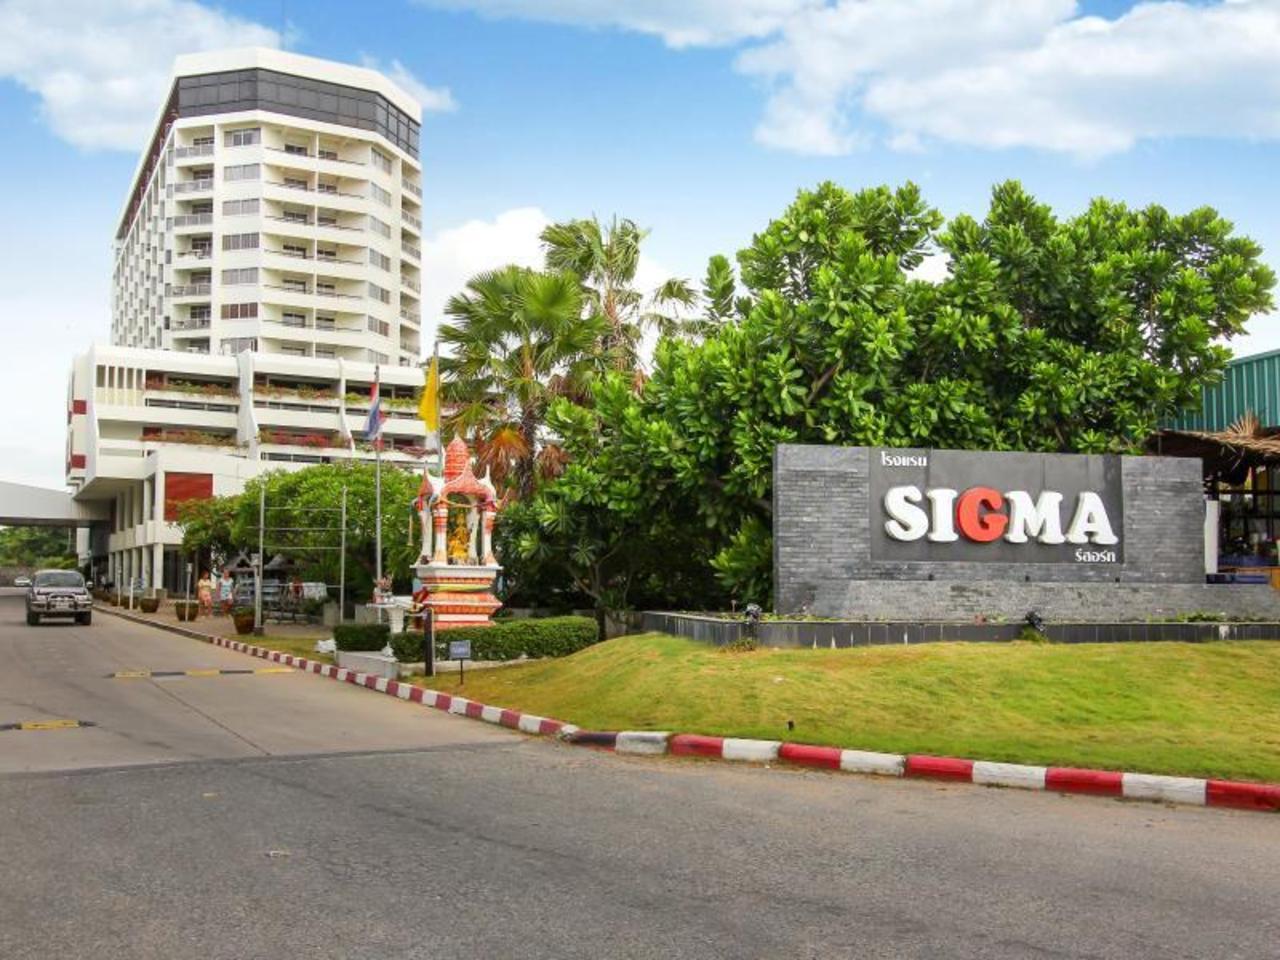 ซิกมา รีสอร์ท จอมเทียน พัทยา (Sigma Resort Jomtien)